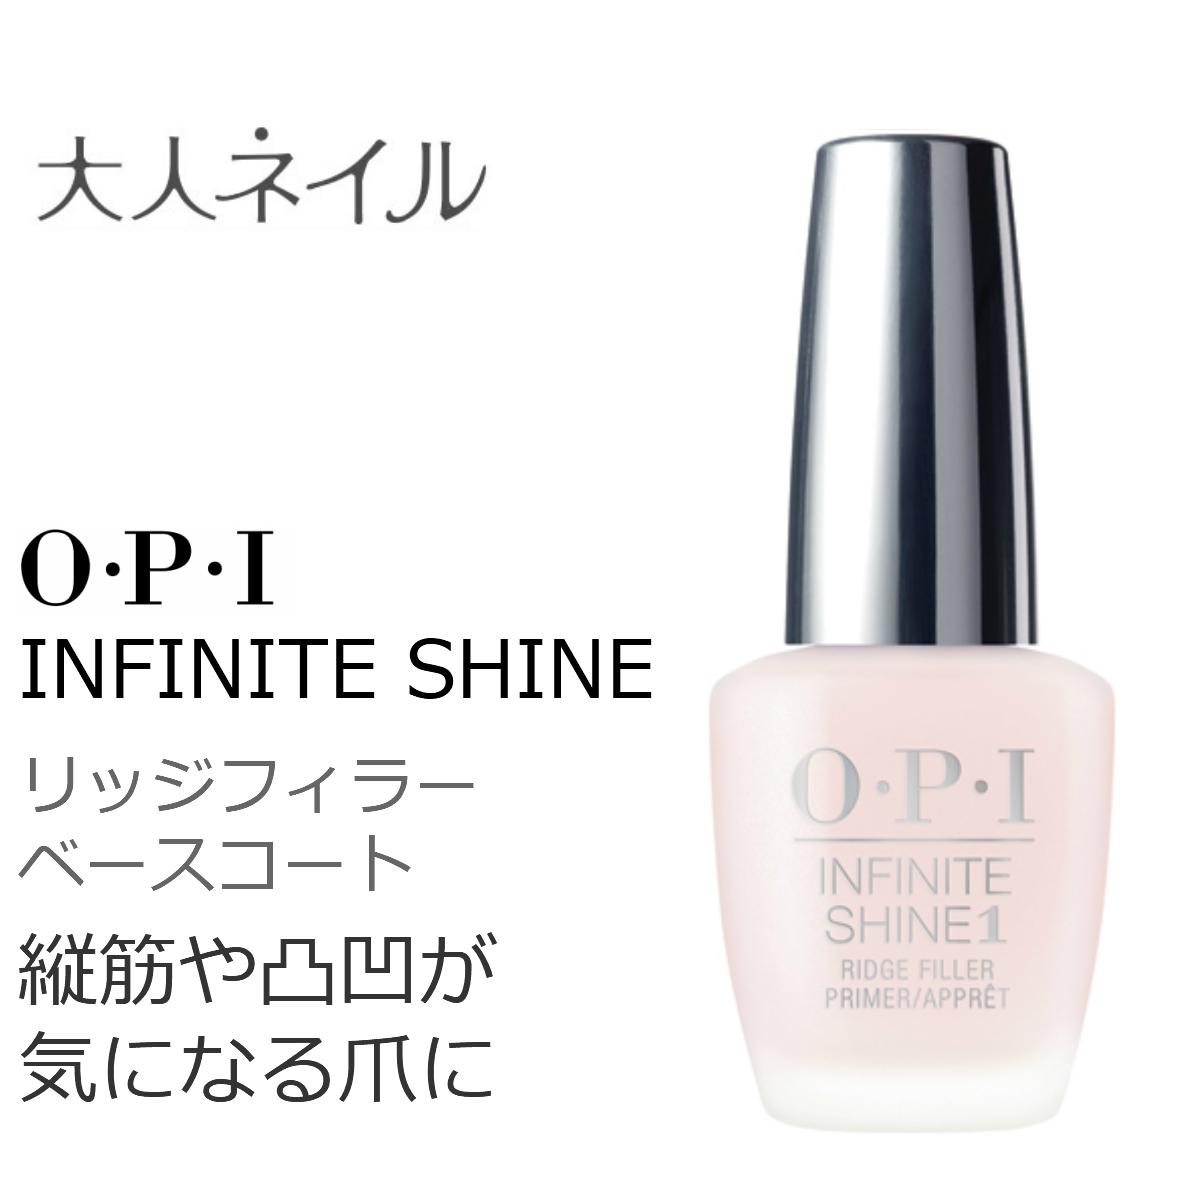 OPI(オーピーアイ) INFINITE SHINE(インフィニット シャイン) ネイルケア IS T12 リッジフィラー ベースコート 縦筋や凸凹が気になる爪に